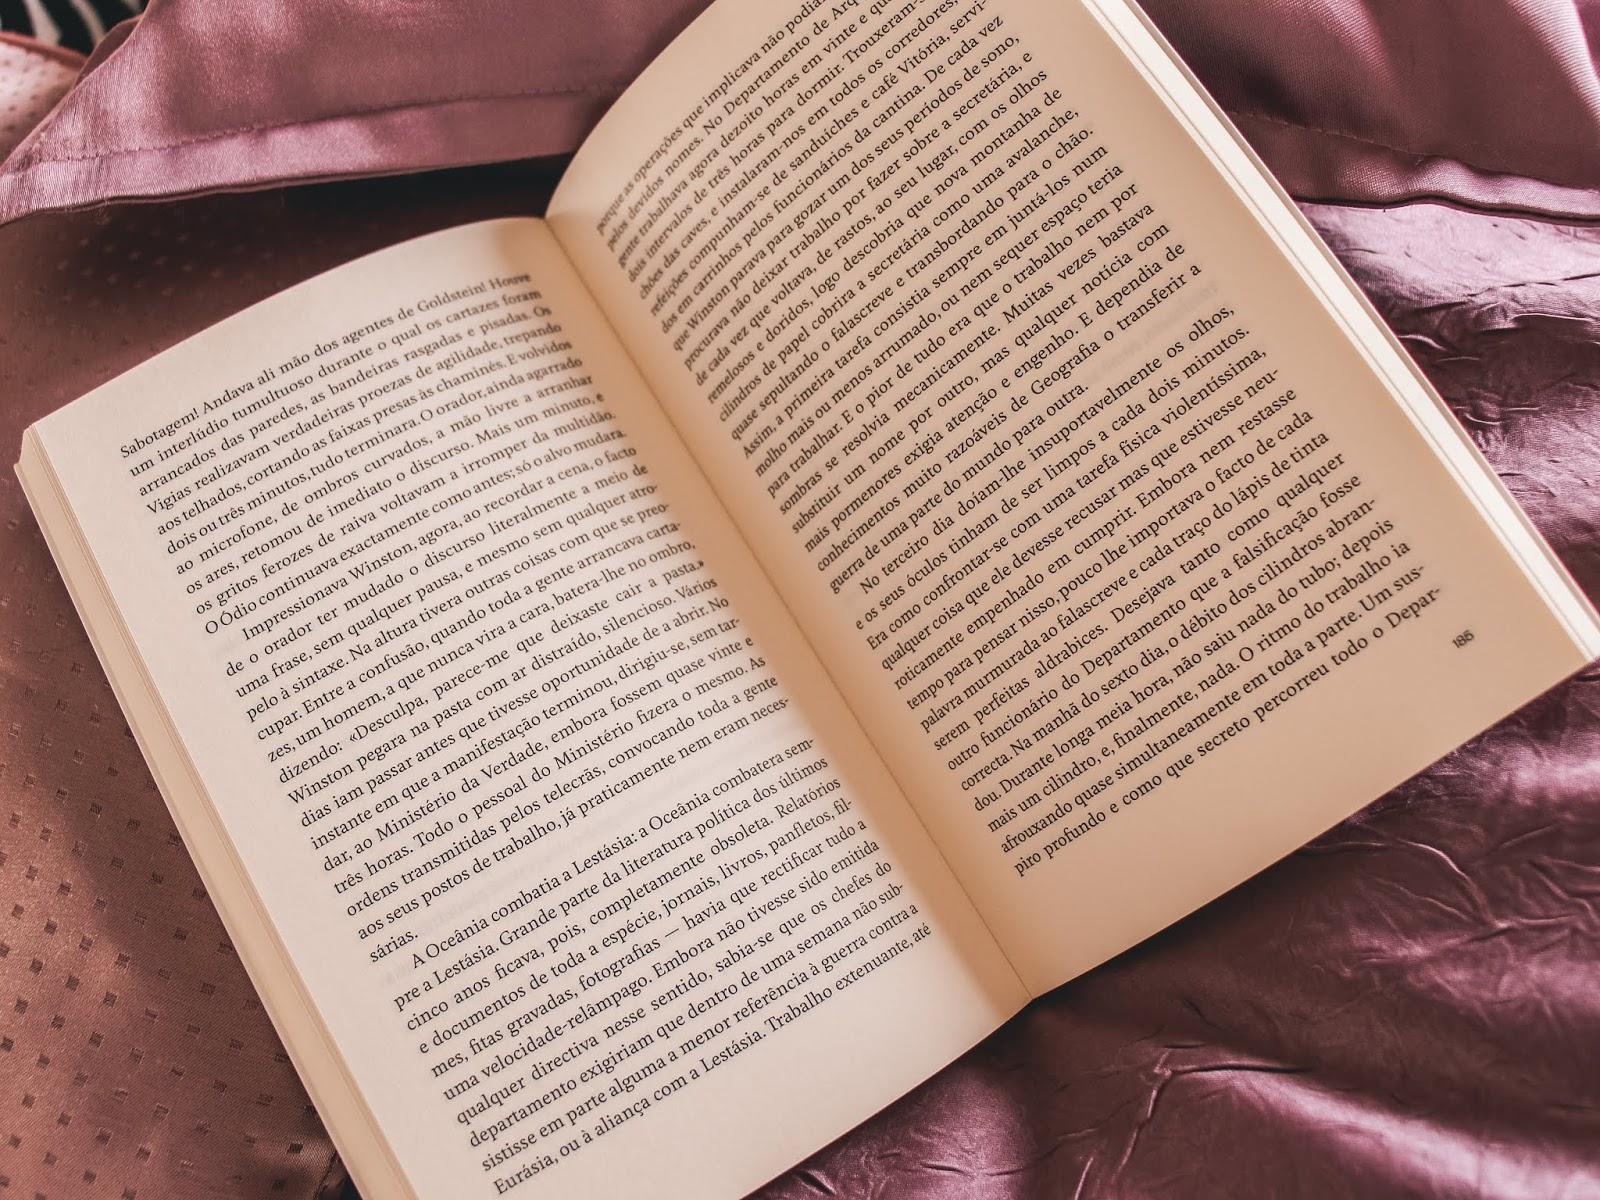 séries de livros